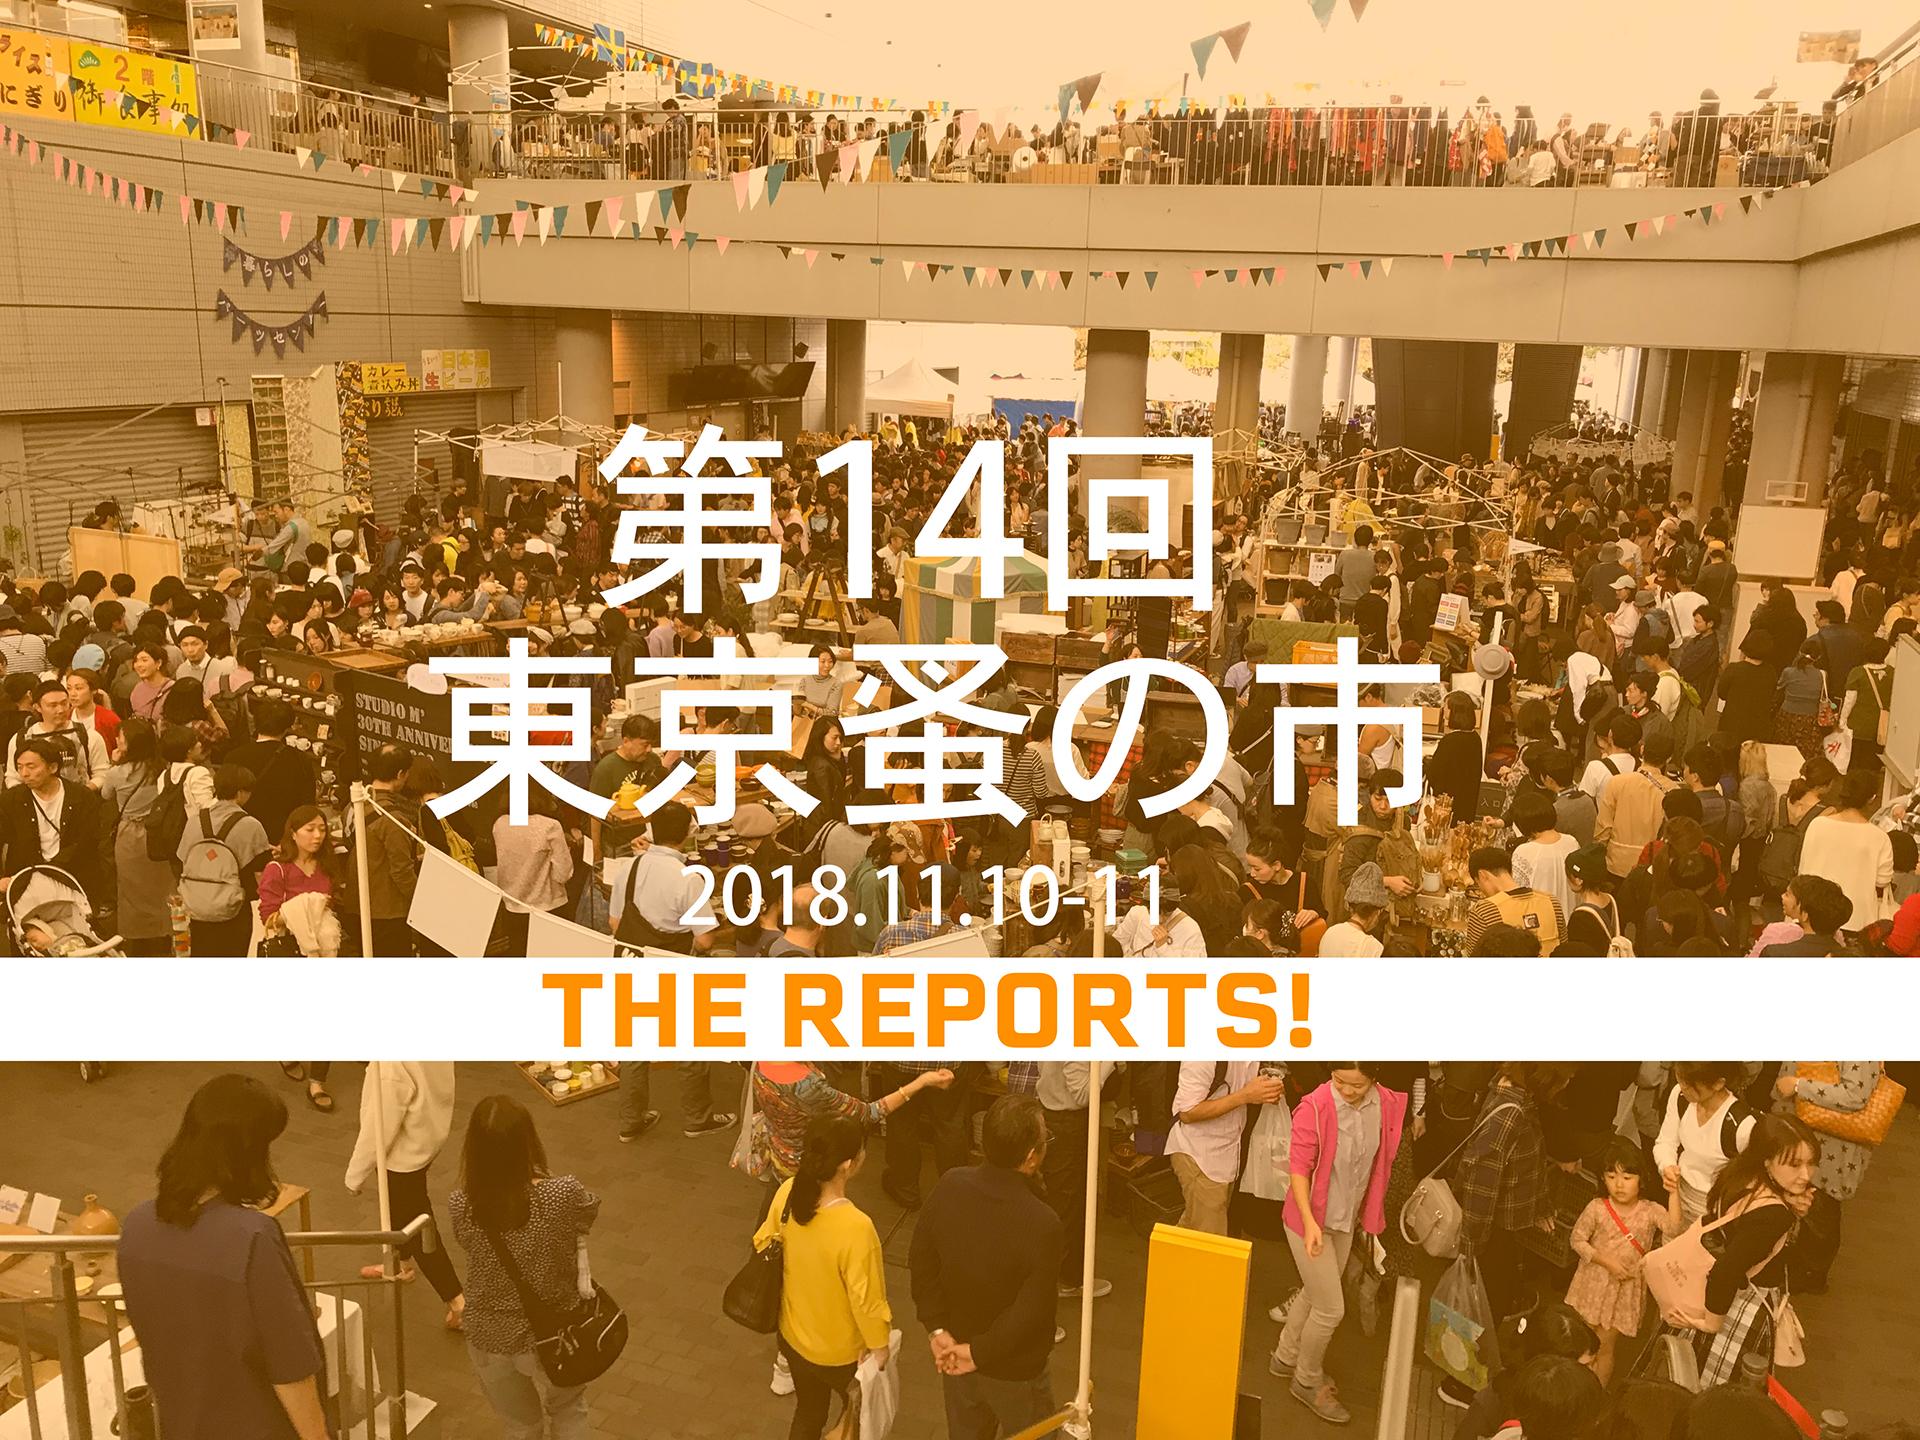 東京蚤の市のメインビジュアル